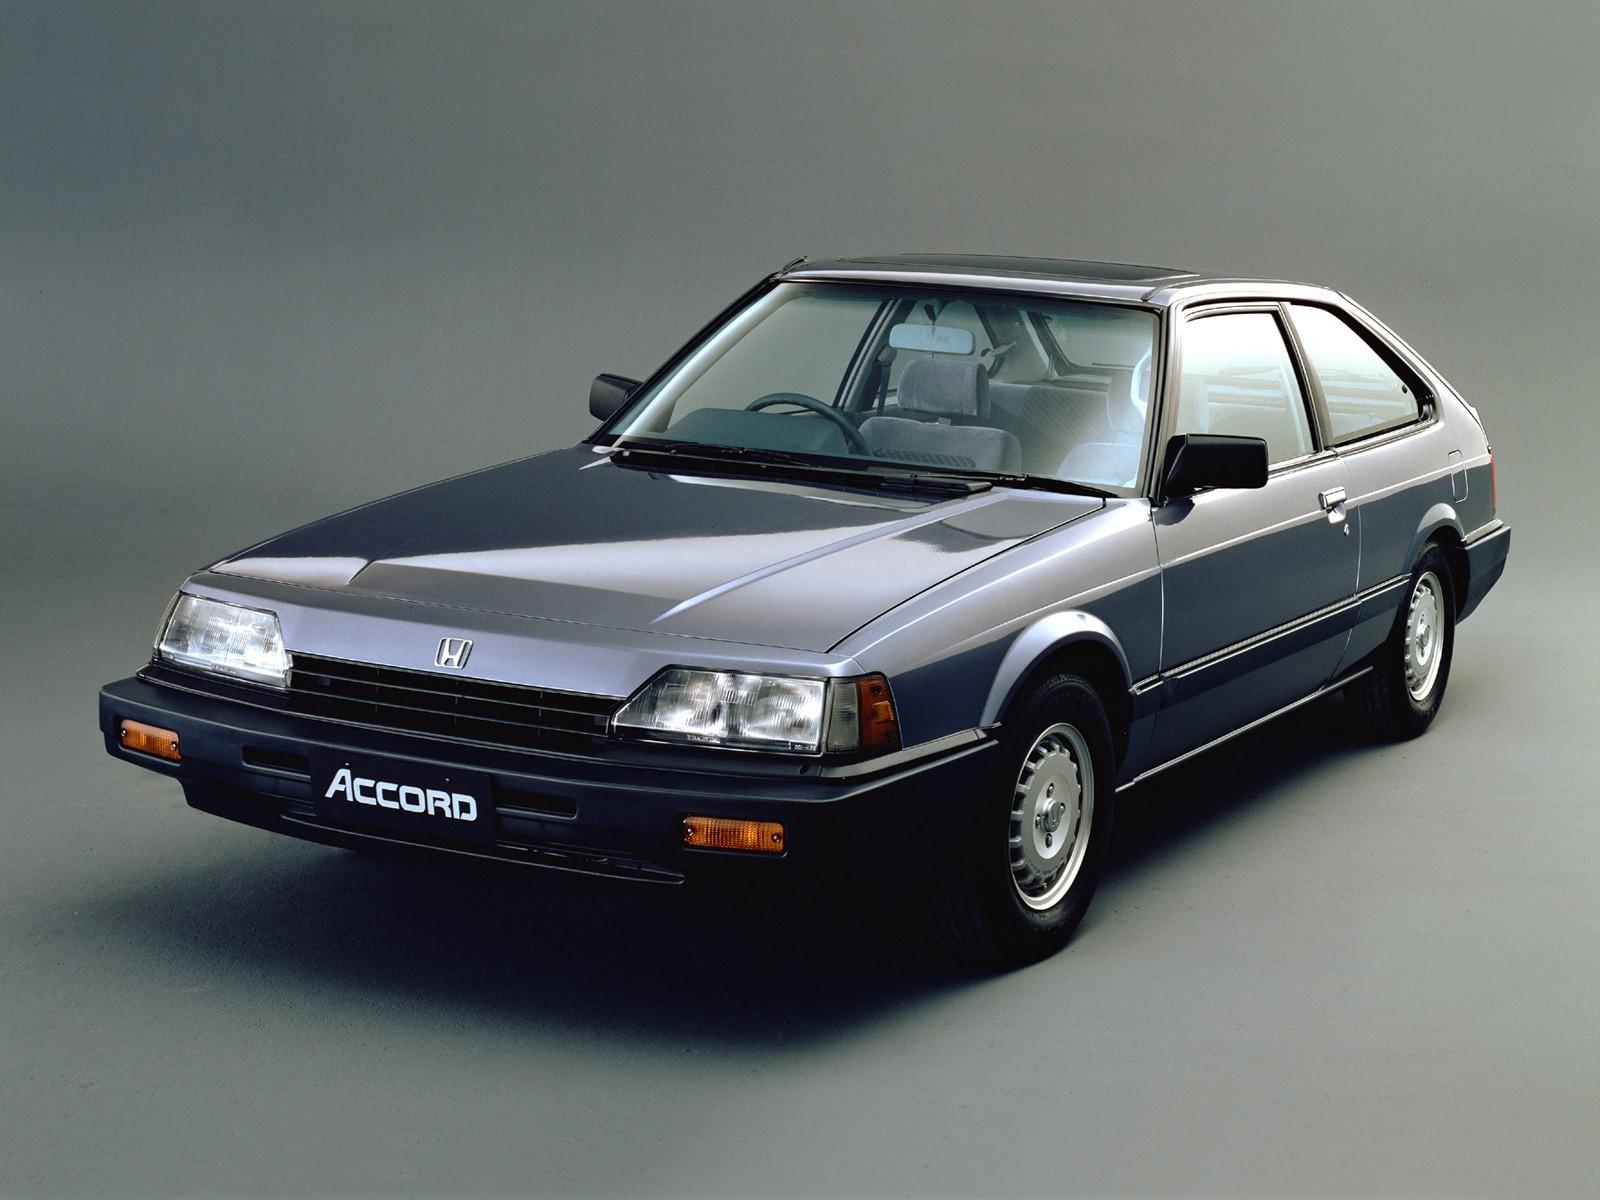 honda accord 3 doors specs photos 1981 1982 1983 1984 1985 autoevolution. Black Bedroom Furniture Sets. Home Design Ideas